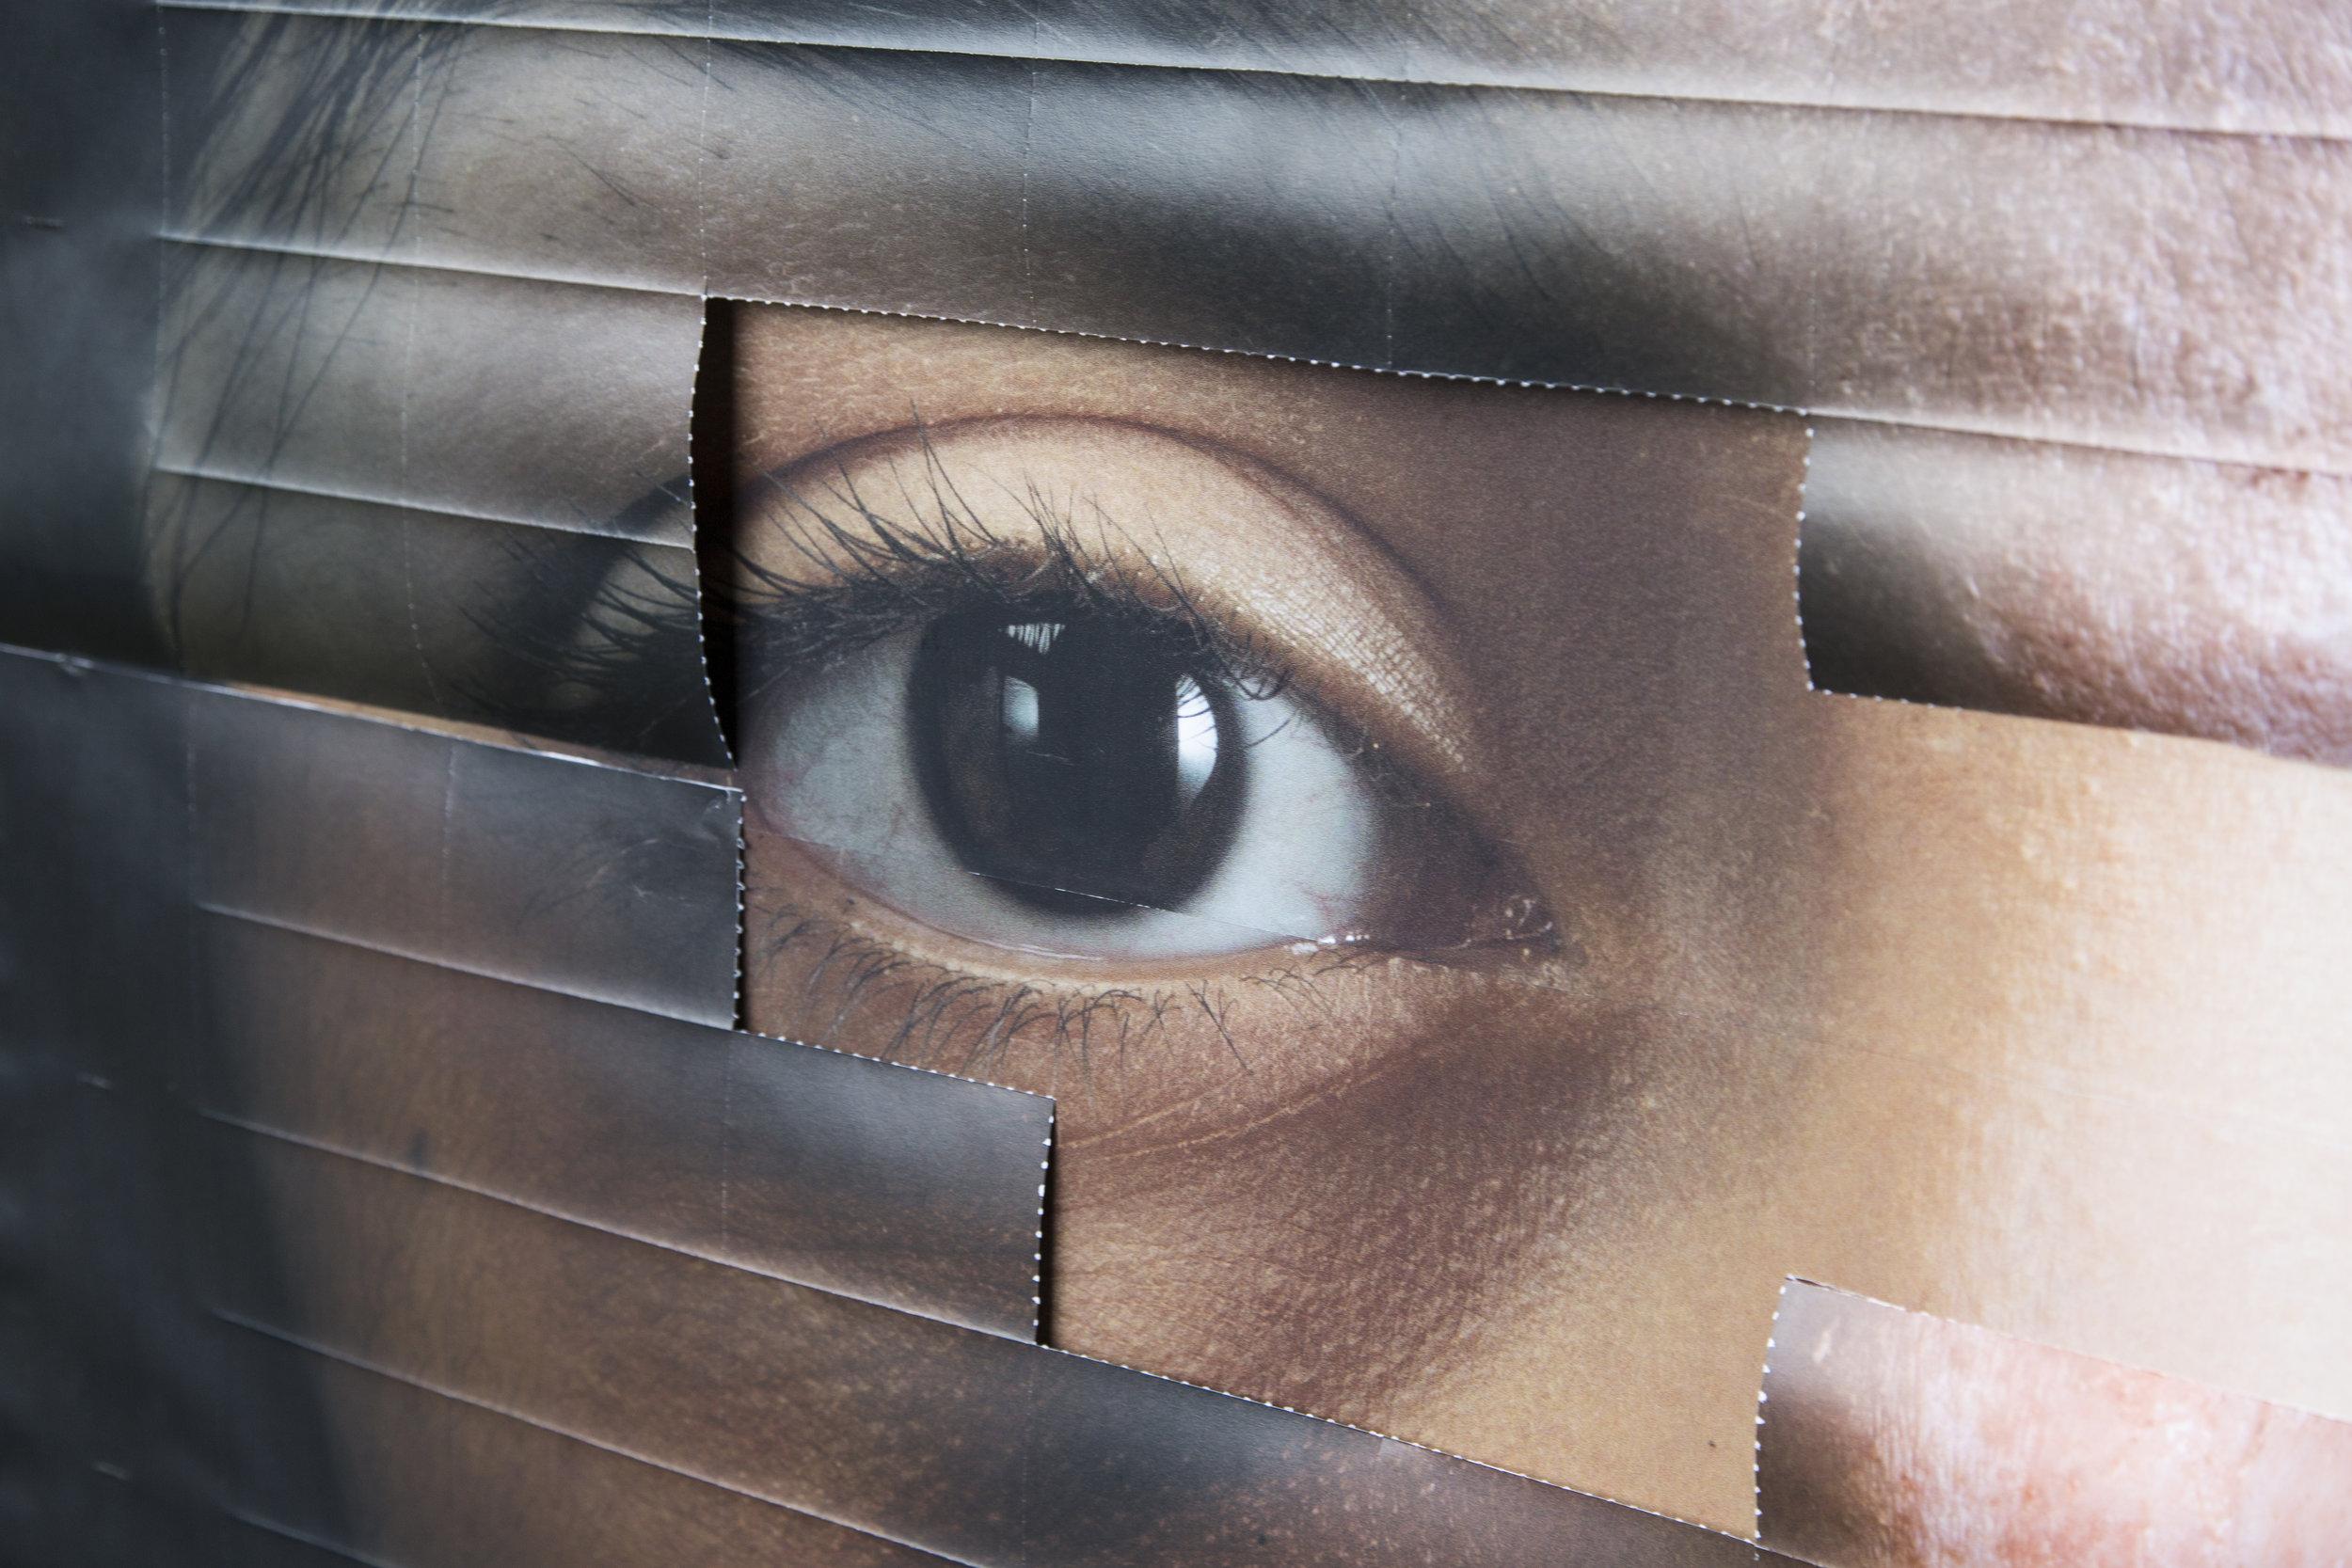 Eye close up.jpg